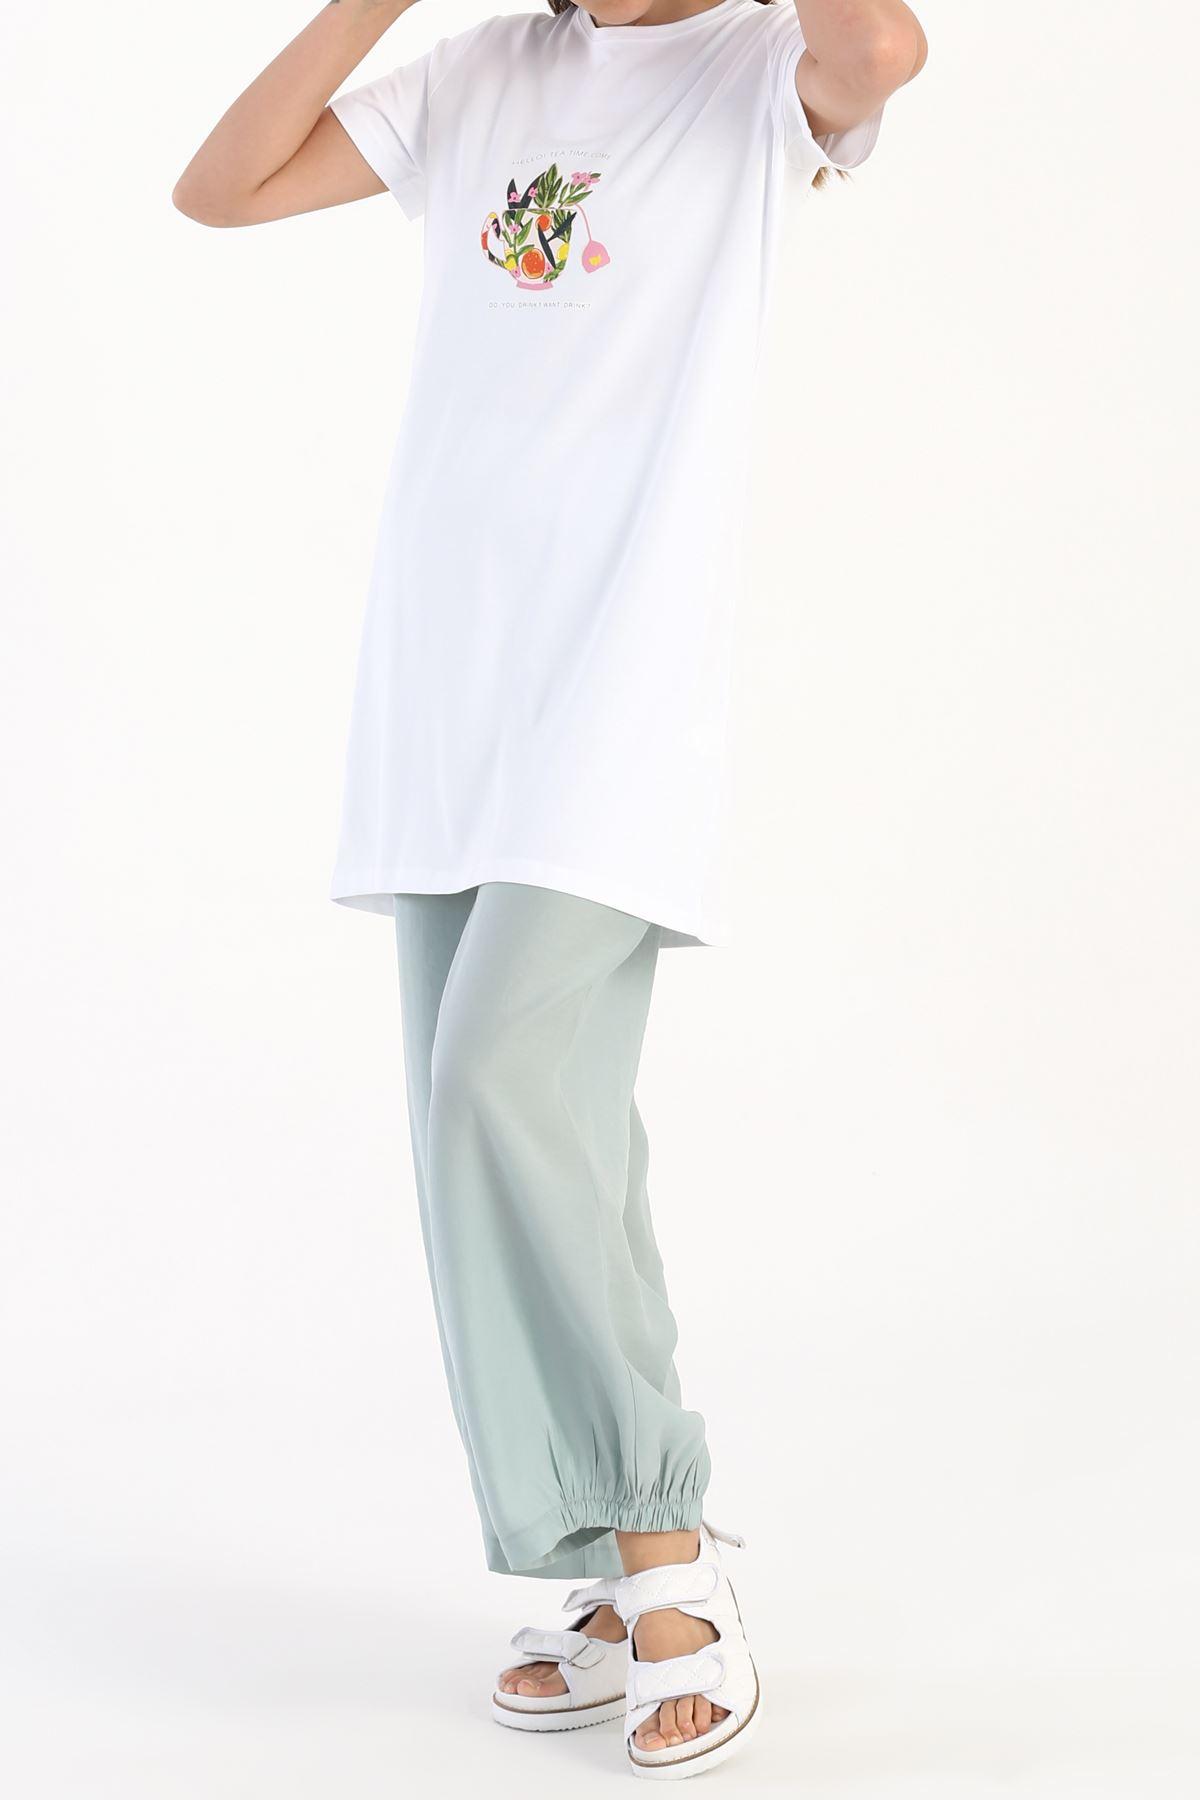 Kadın Baskılı Uzun T-Shirt-beyaz